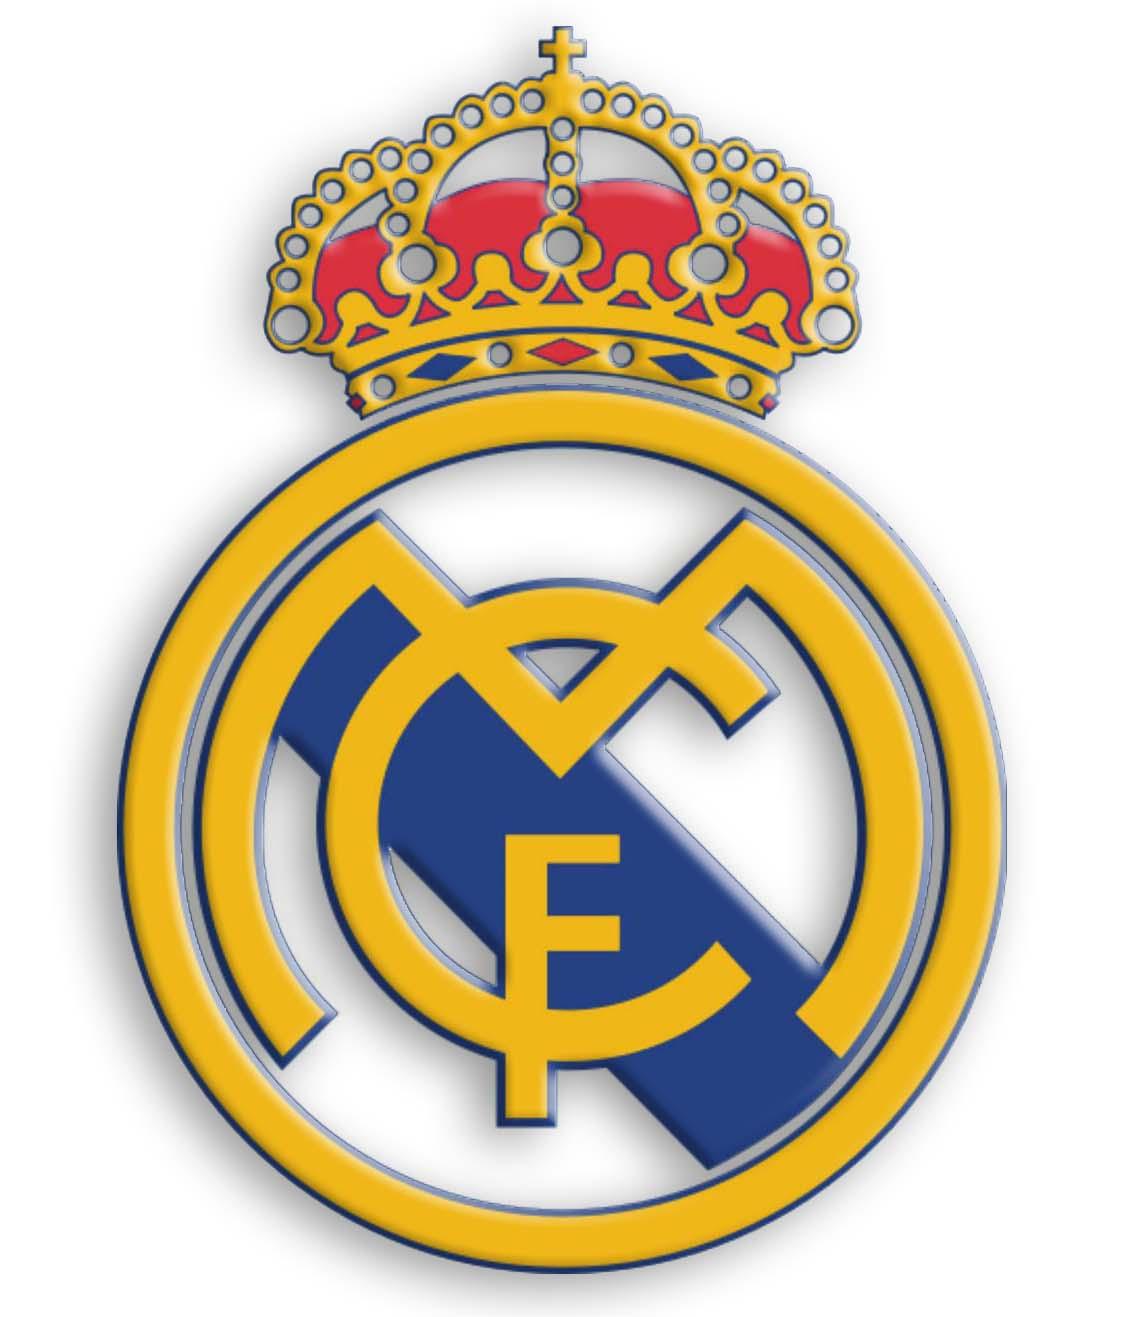 Evolución del escudo del Real Madrid durante sus 100